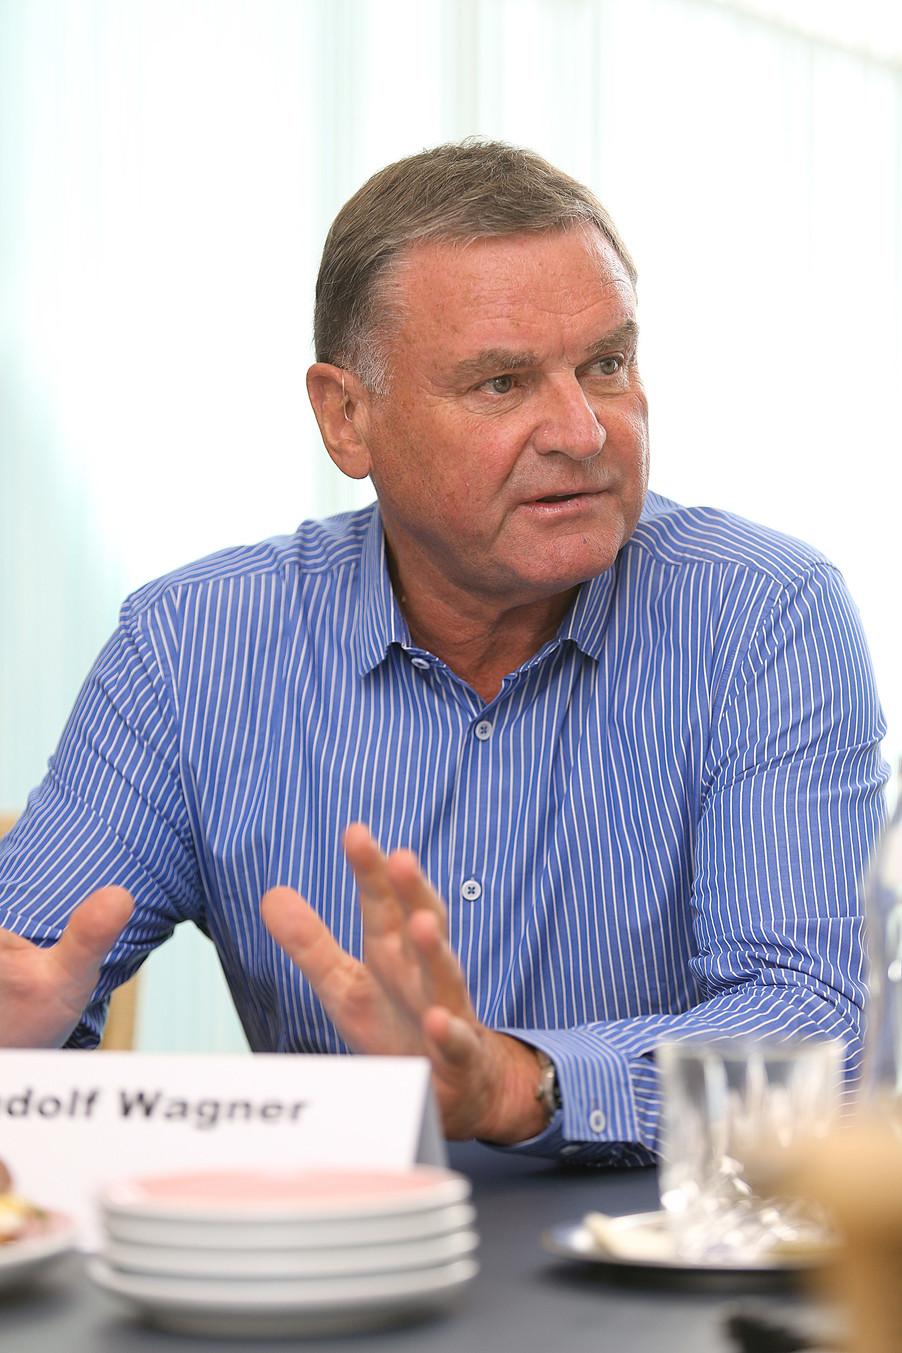 Getränke Wagner stellt Weichen für die Zukunft | Getränke Wagner ...